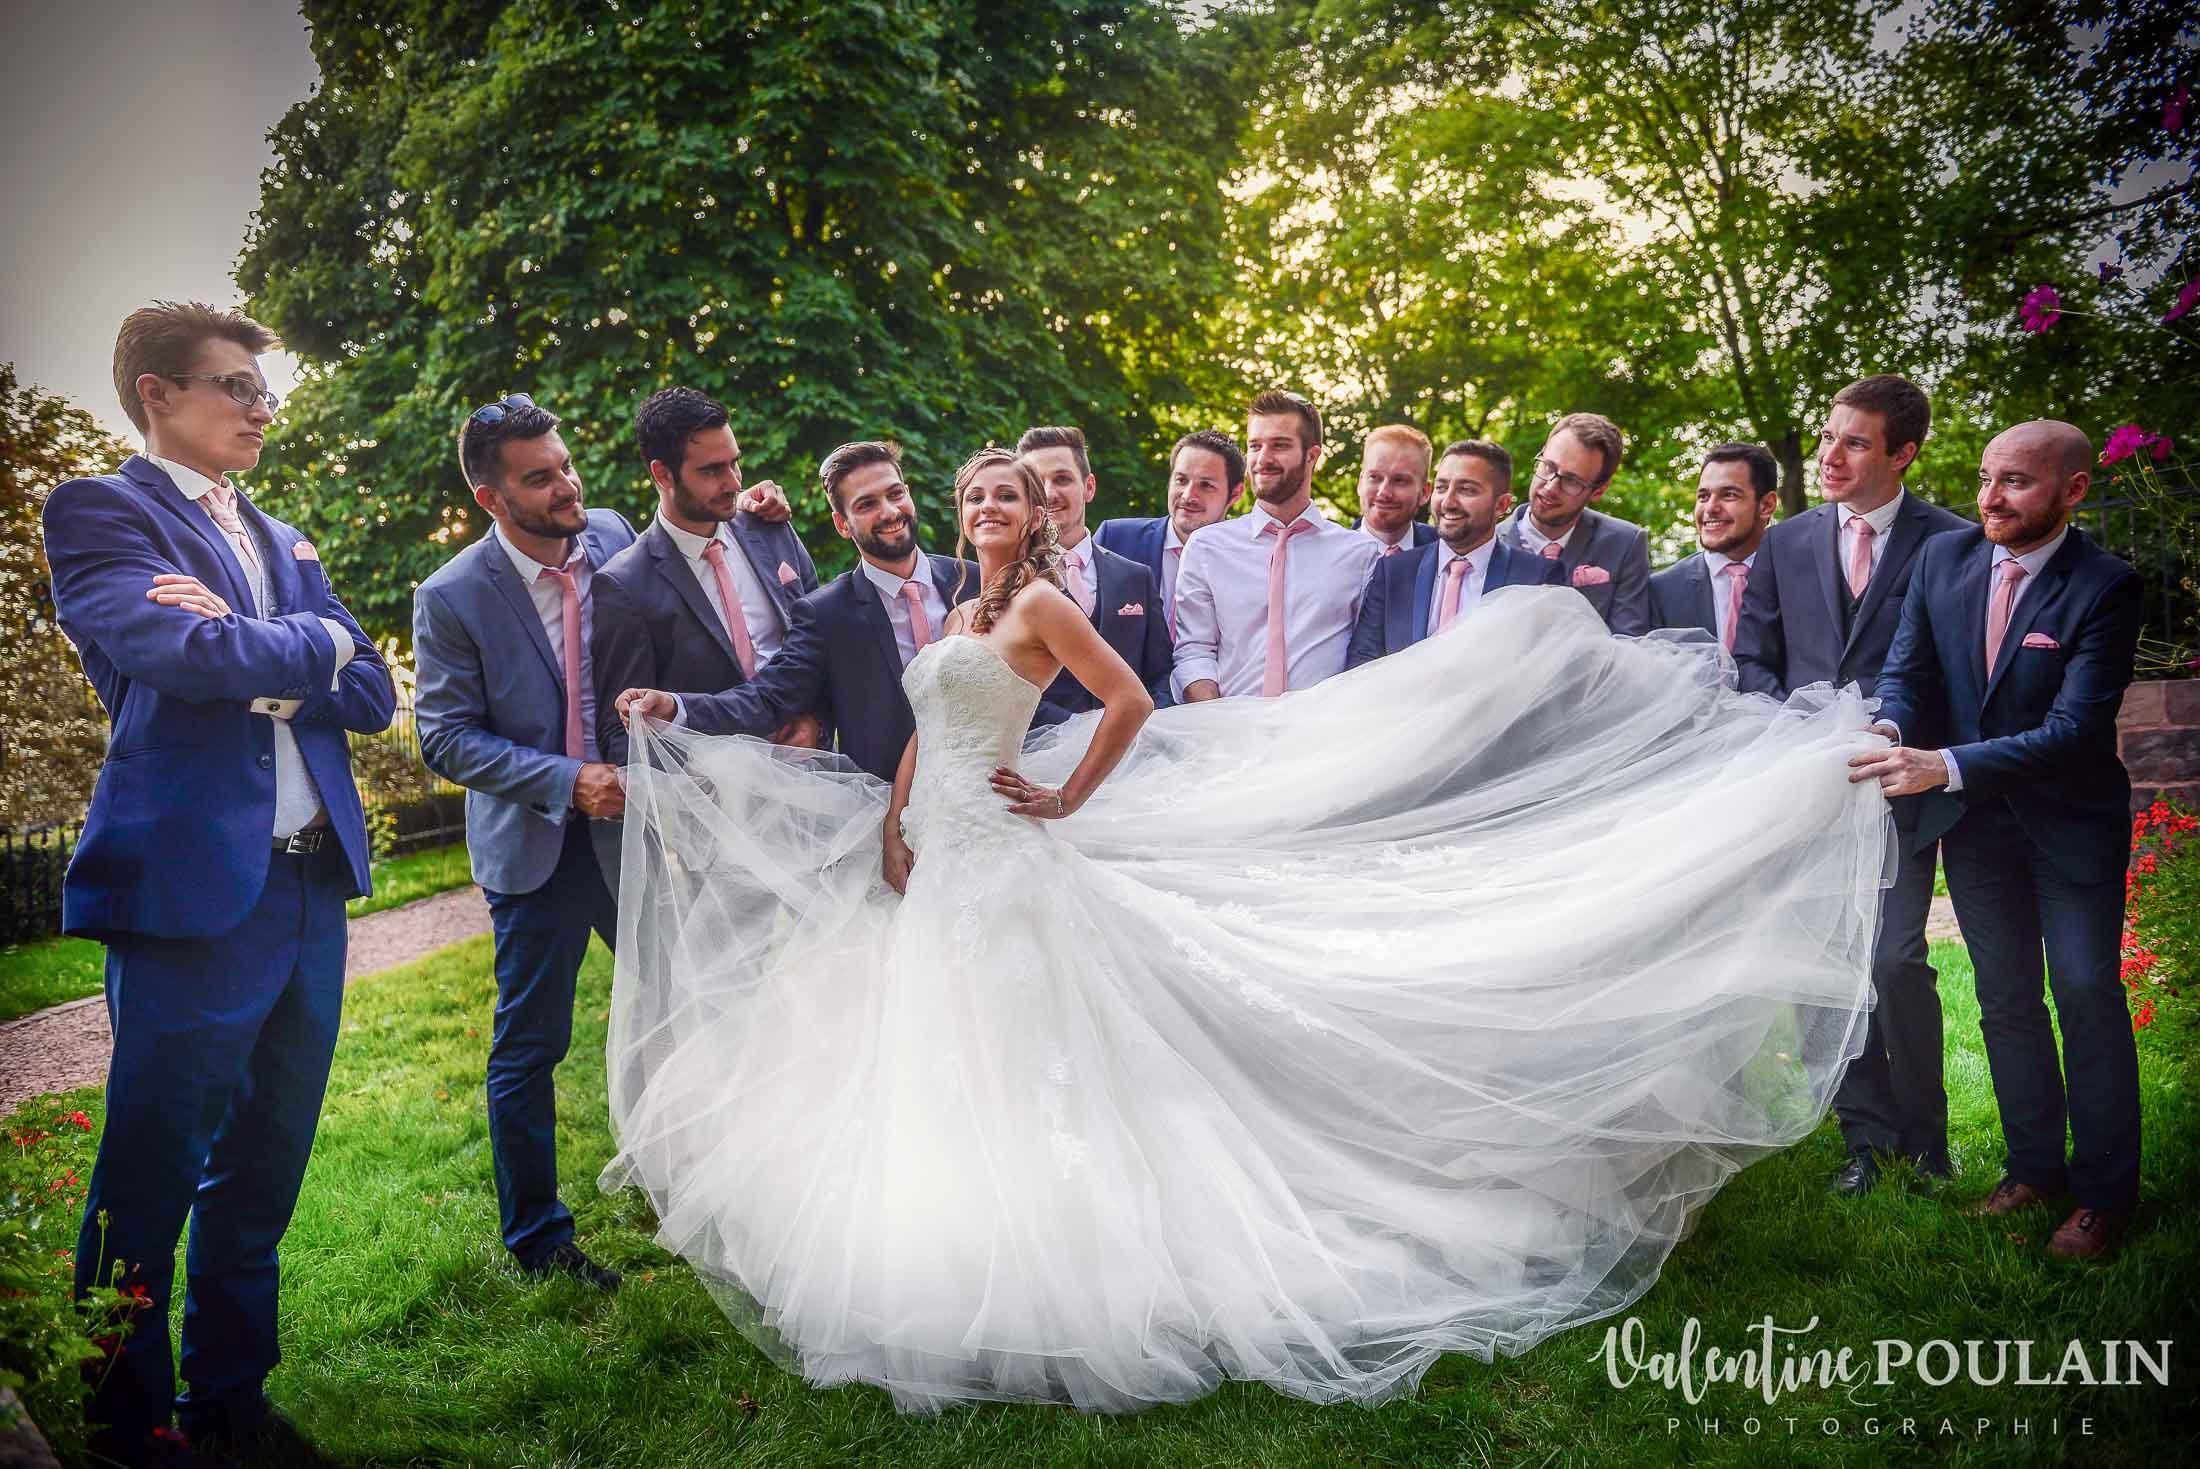 Mariage champ tre et romantique au bollenberg valentine poulain - Champetre chic mariage ...